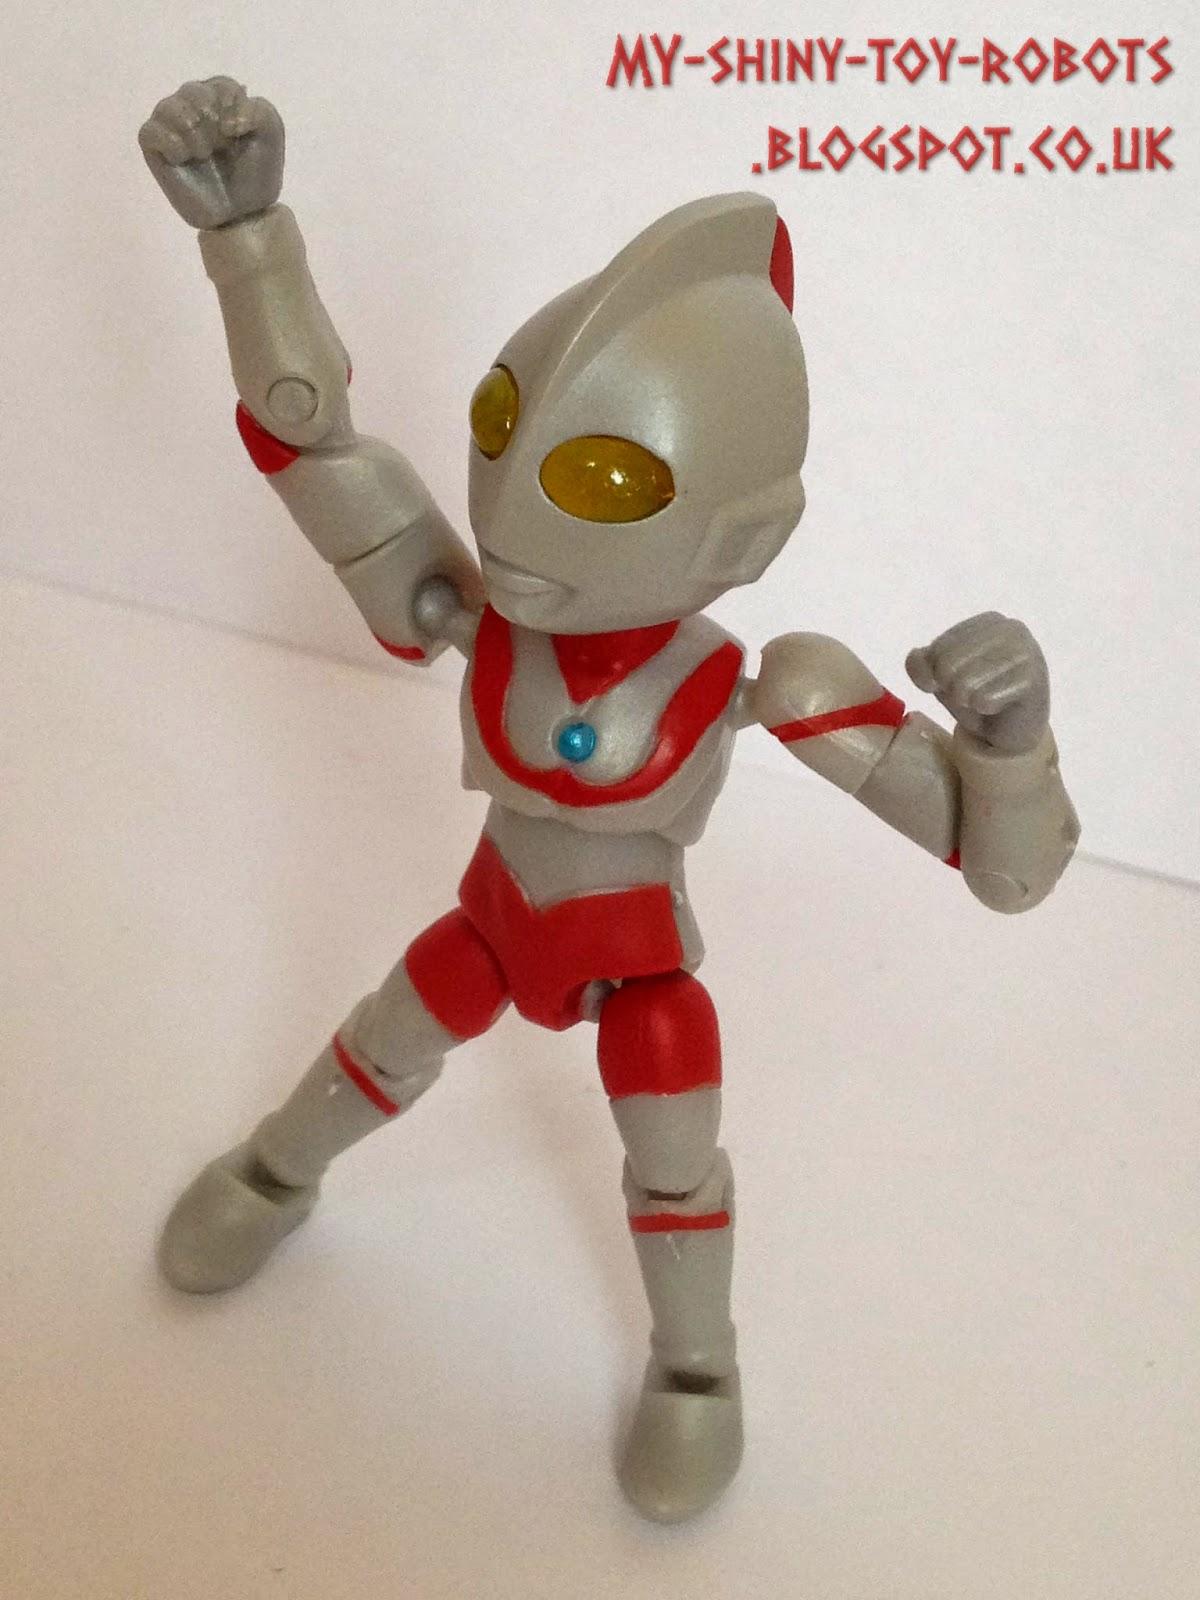 Ultraman takes a pose